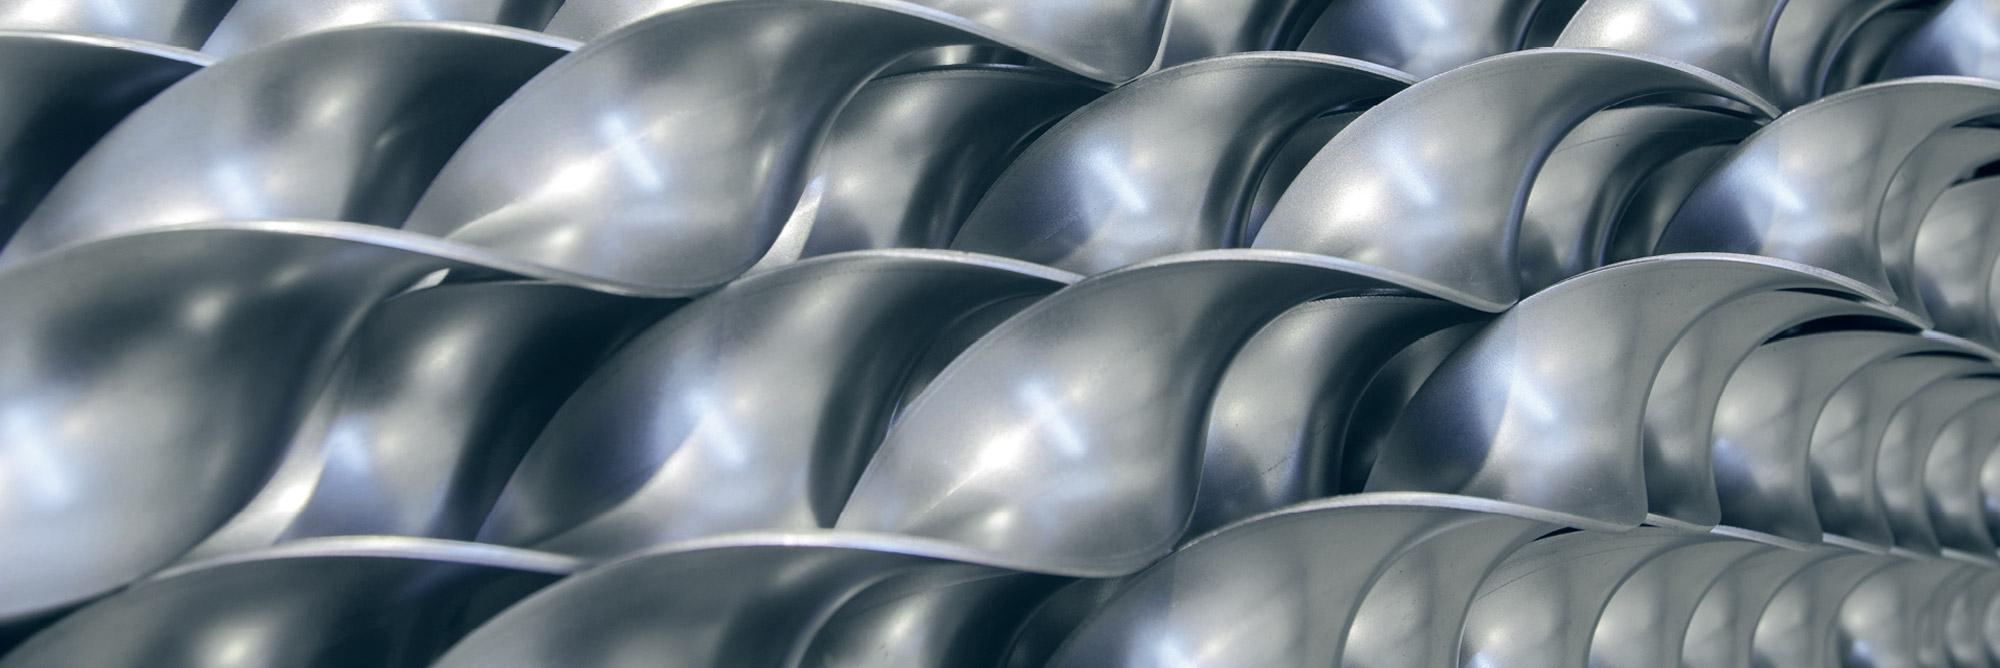 Turbolatori e spirali metalliche per coclee: turbolatori per caldaie Eurospiral